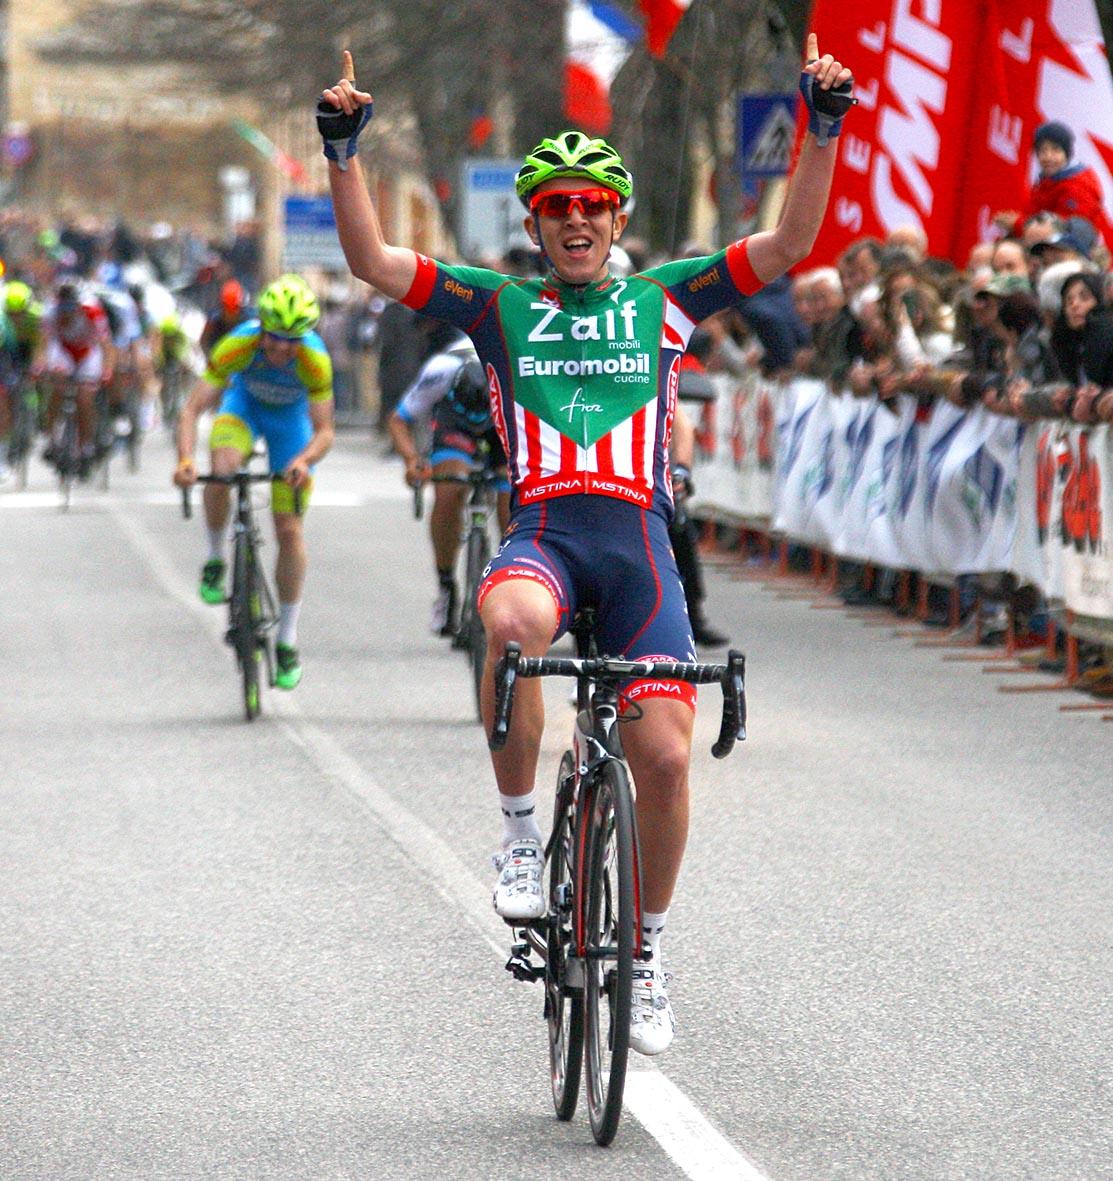 La vittoria di Nicola Bagioli (Zalf-Fior) a Montecassiano (MC)